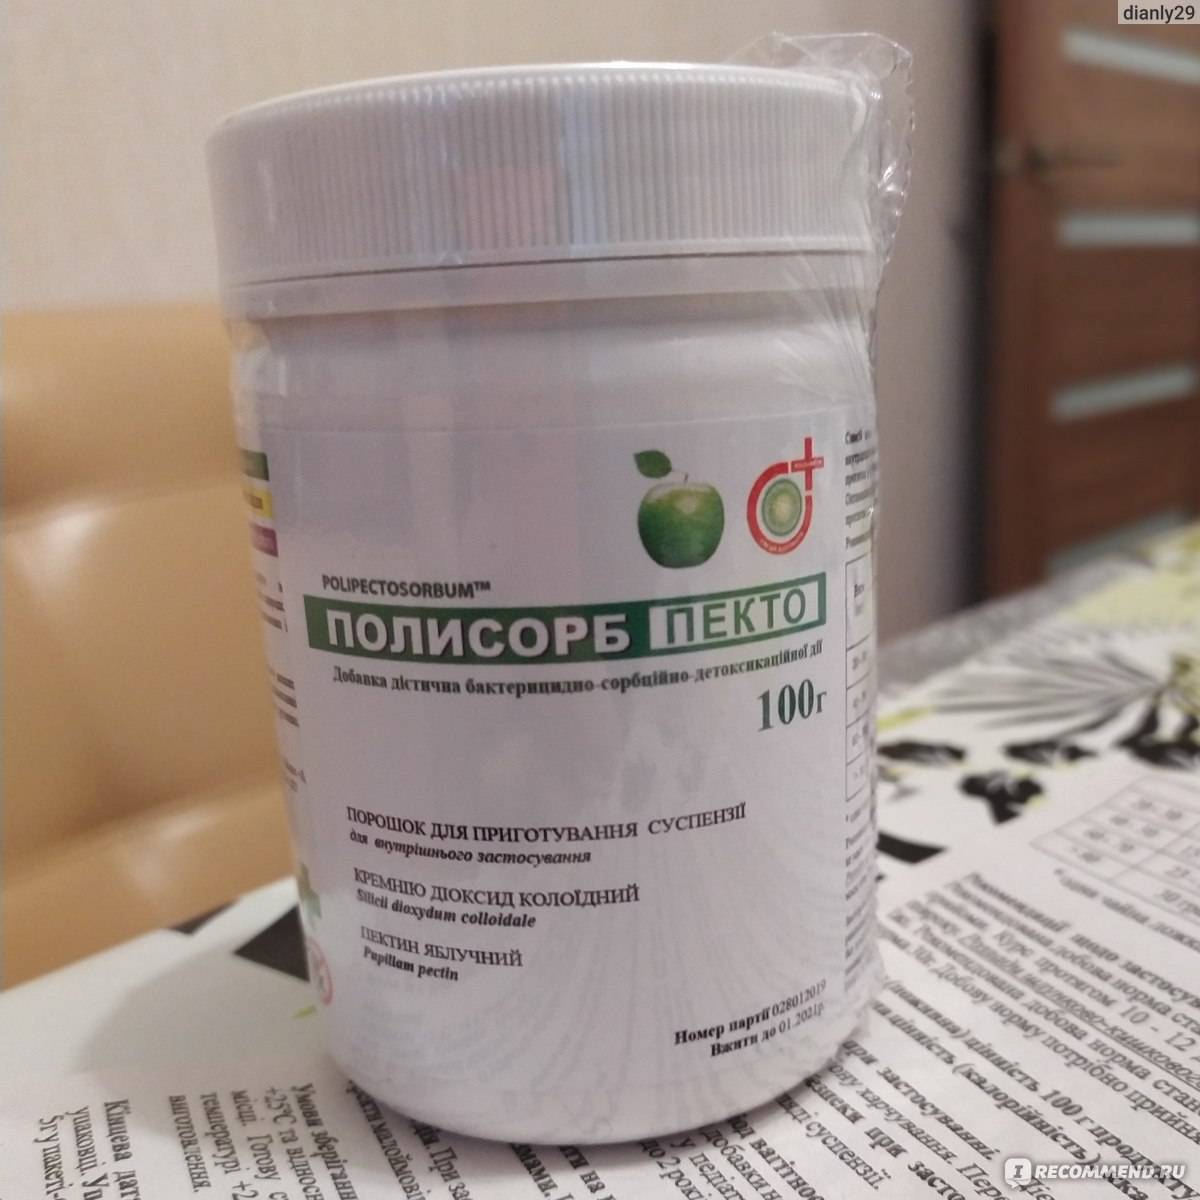 Лучшие сорбенты для очистки организма при отравлении: список настуральных